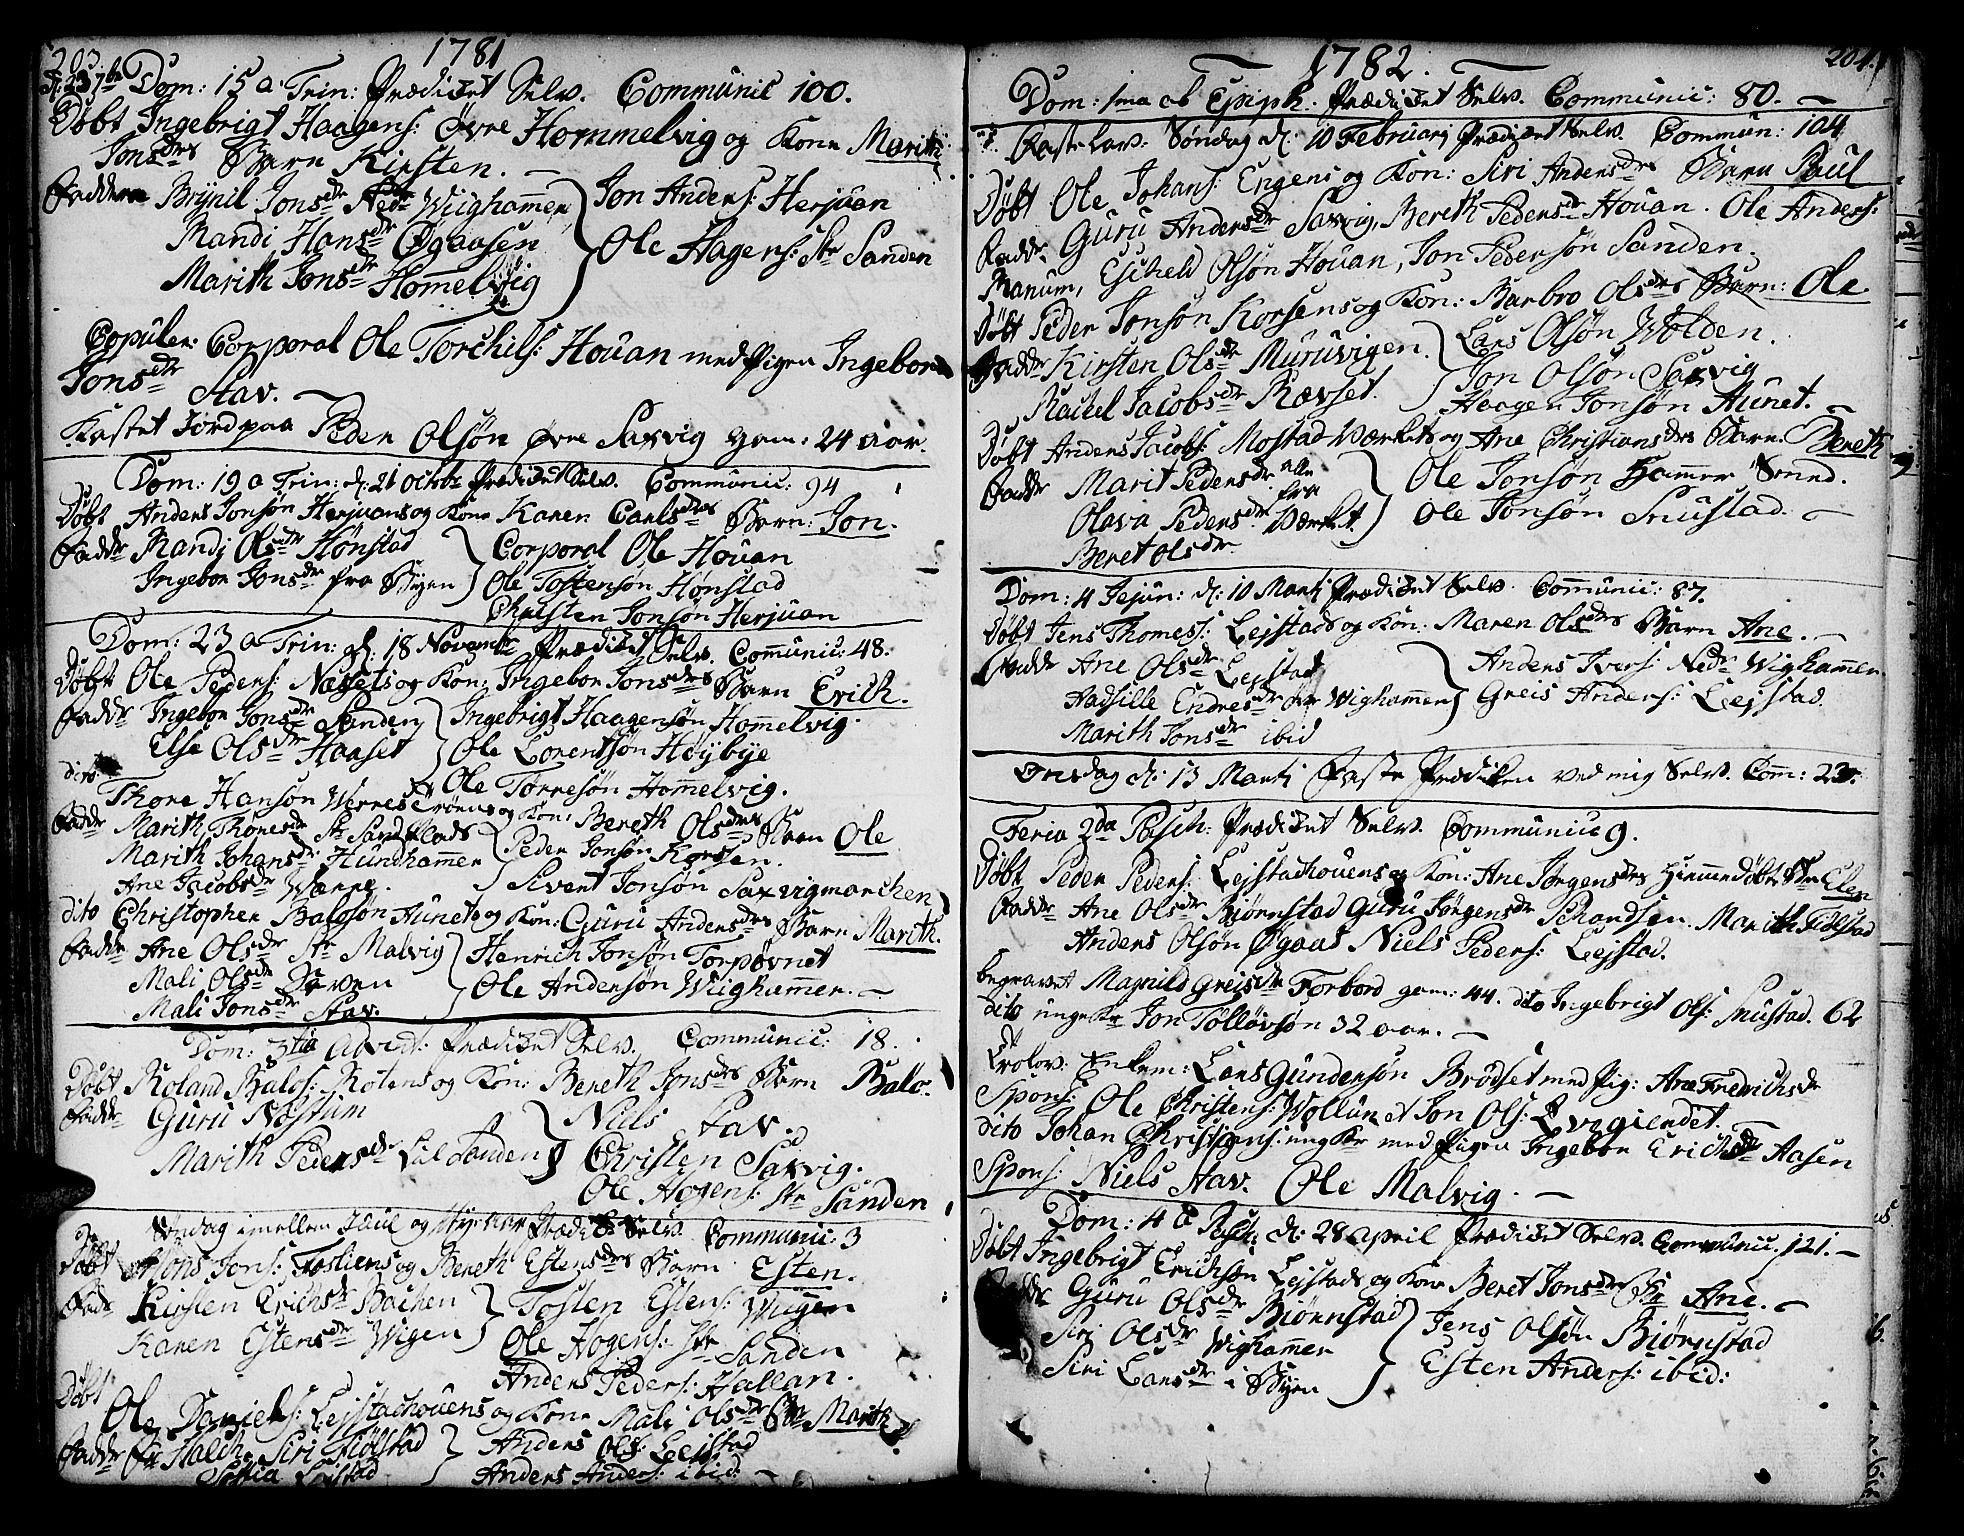 SAT, Ministerialprotokoller, klokkerbøker og fødselsregistre - Sør-Trøndelag, 606/L0281: Ministerialbok nr. 606A02 /2, 1781-1817, s. 203-204